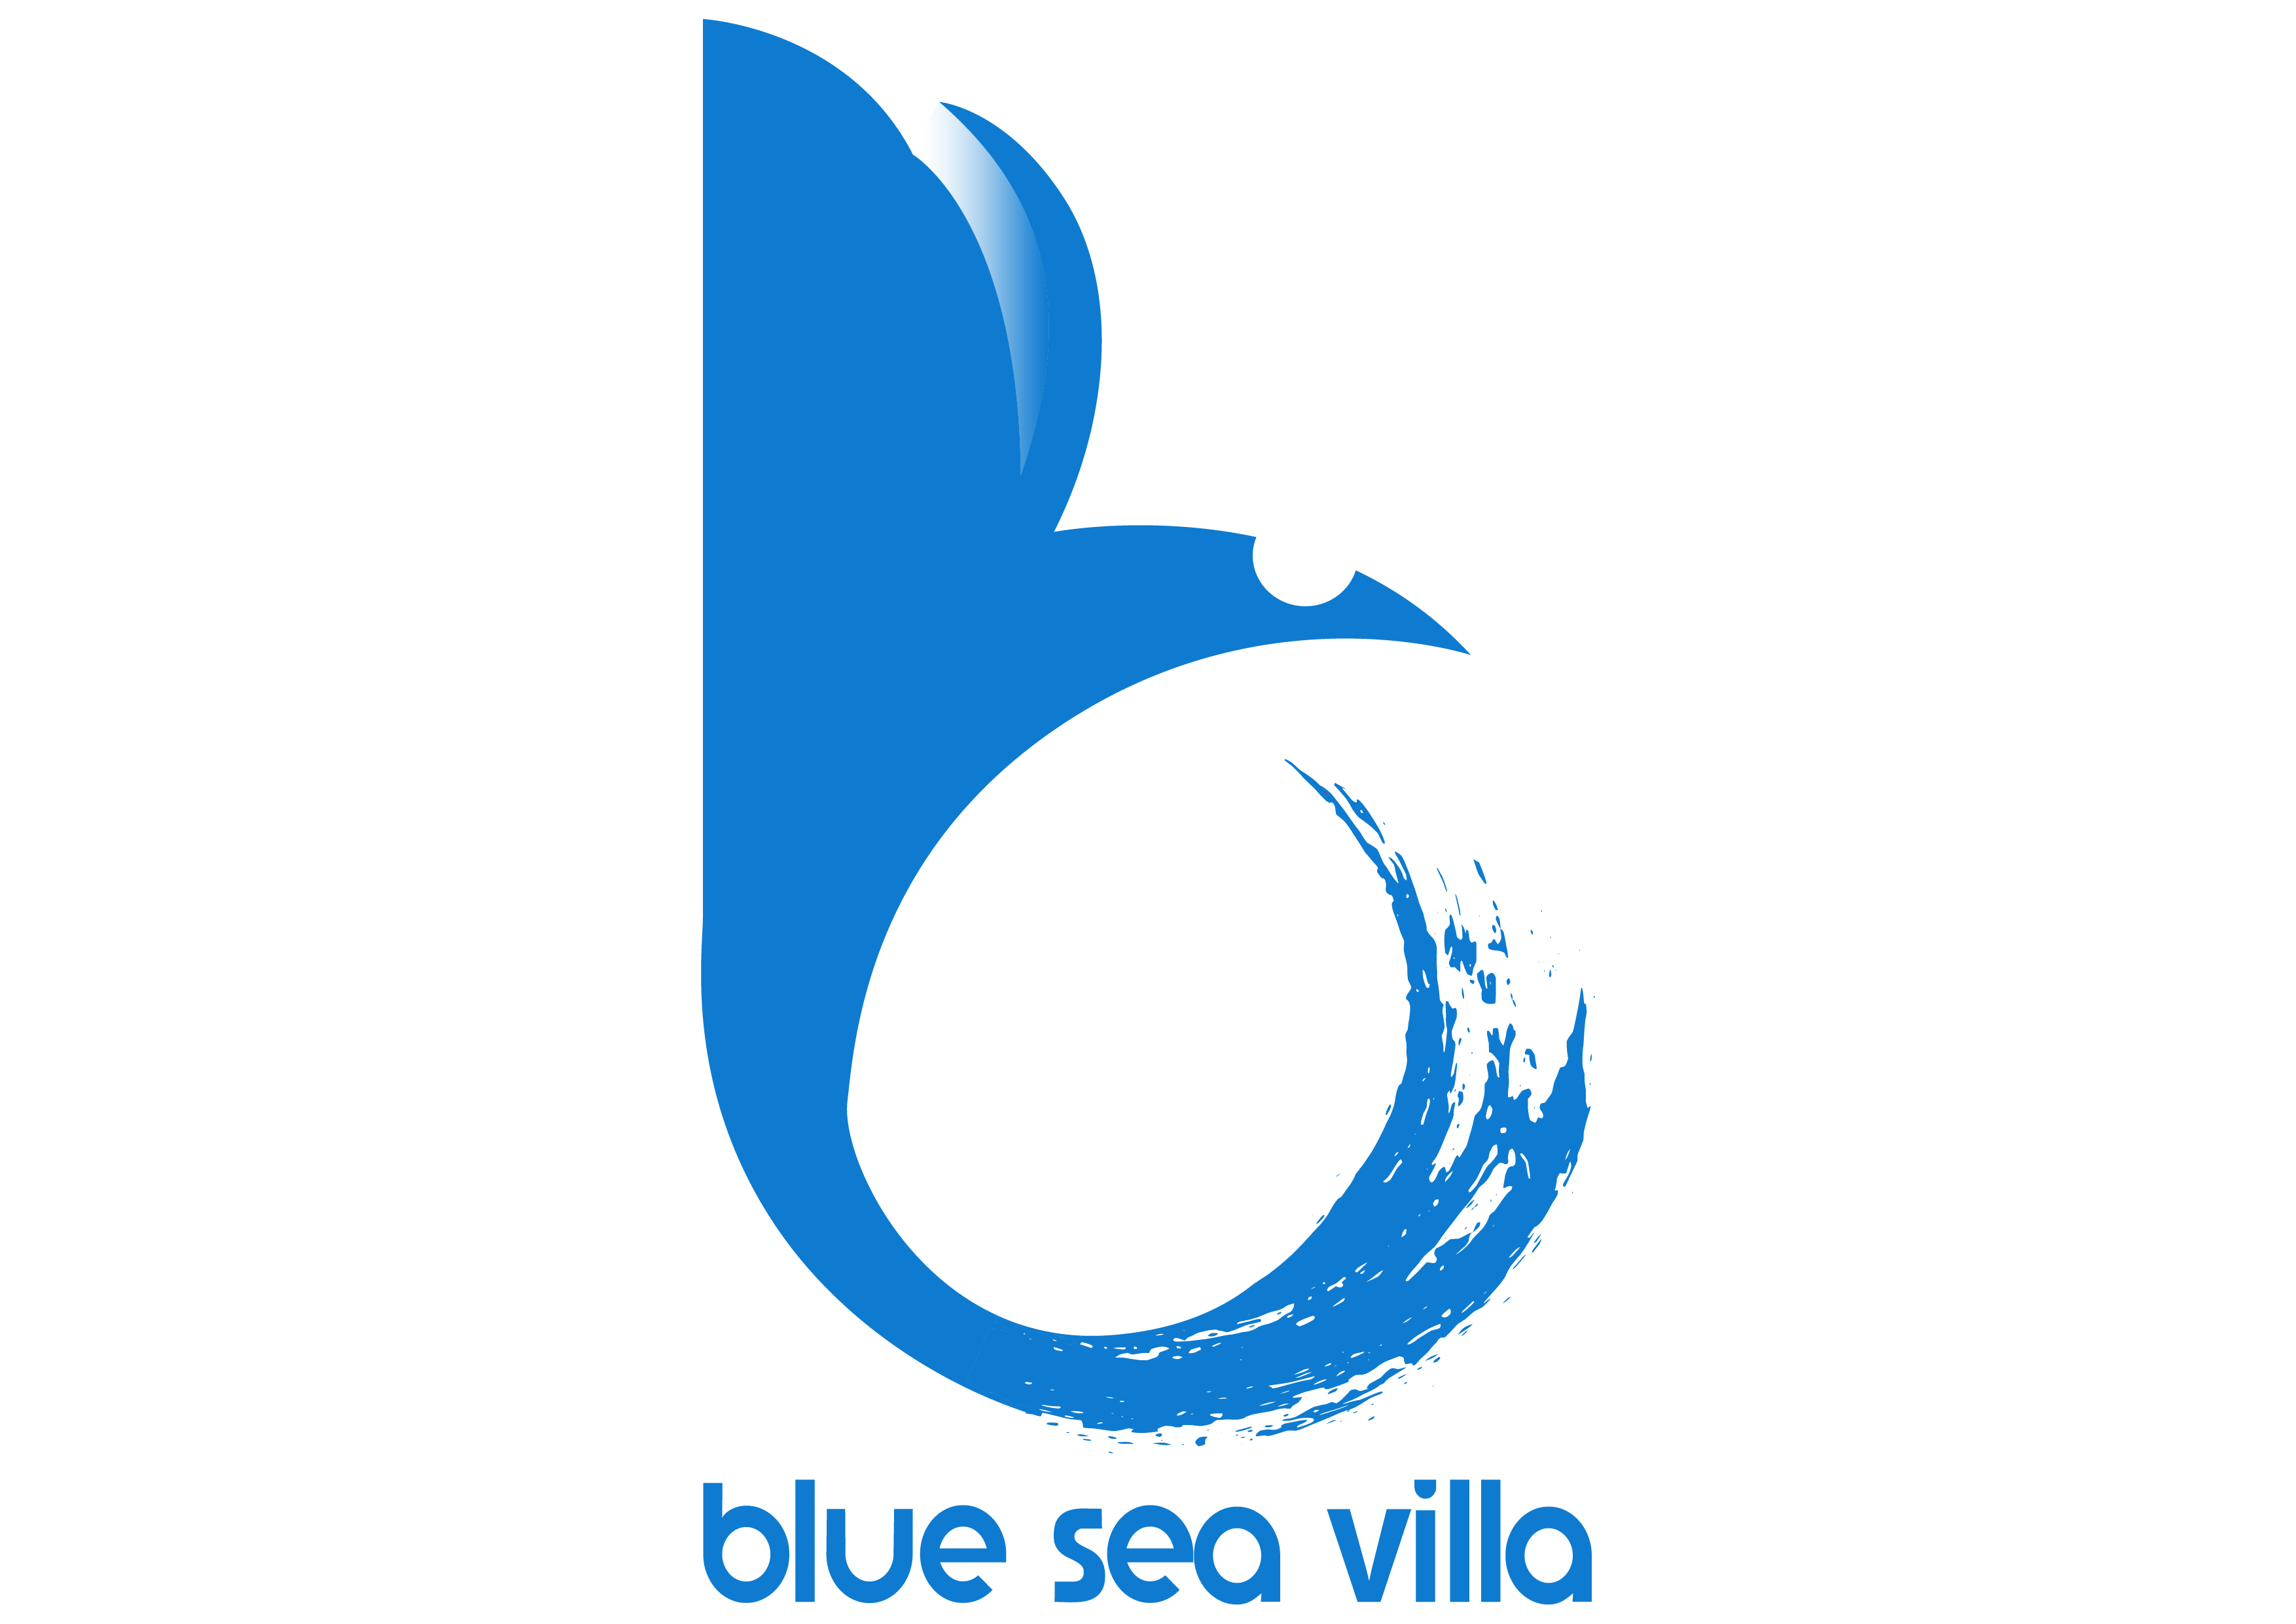 BLUE SEA VILLA - Biệt thự Vũng Tàu, có Hồ Bơi, gần Biển 0913.833.799